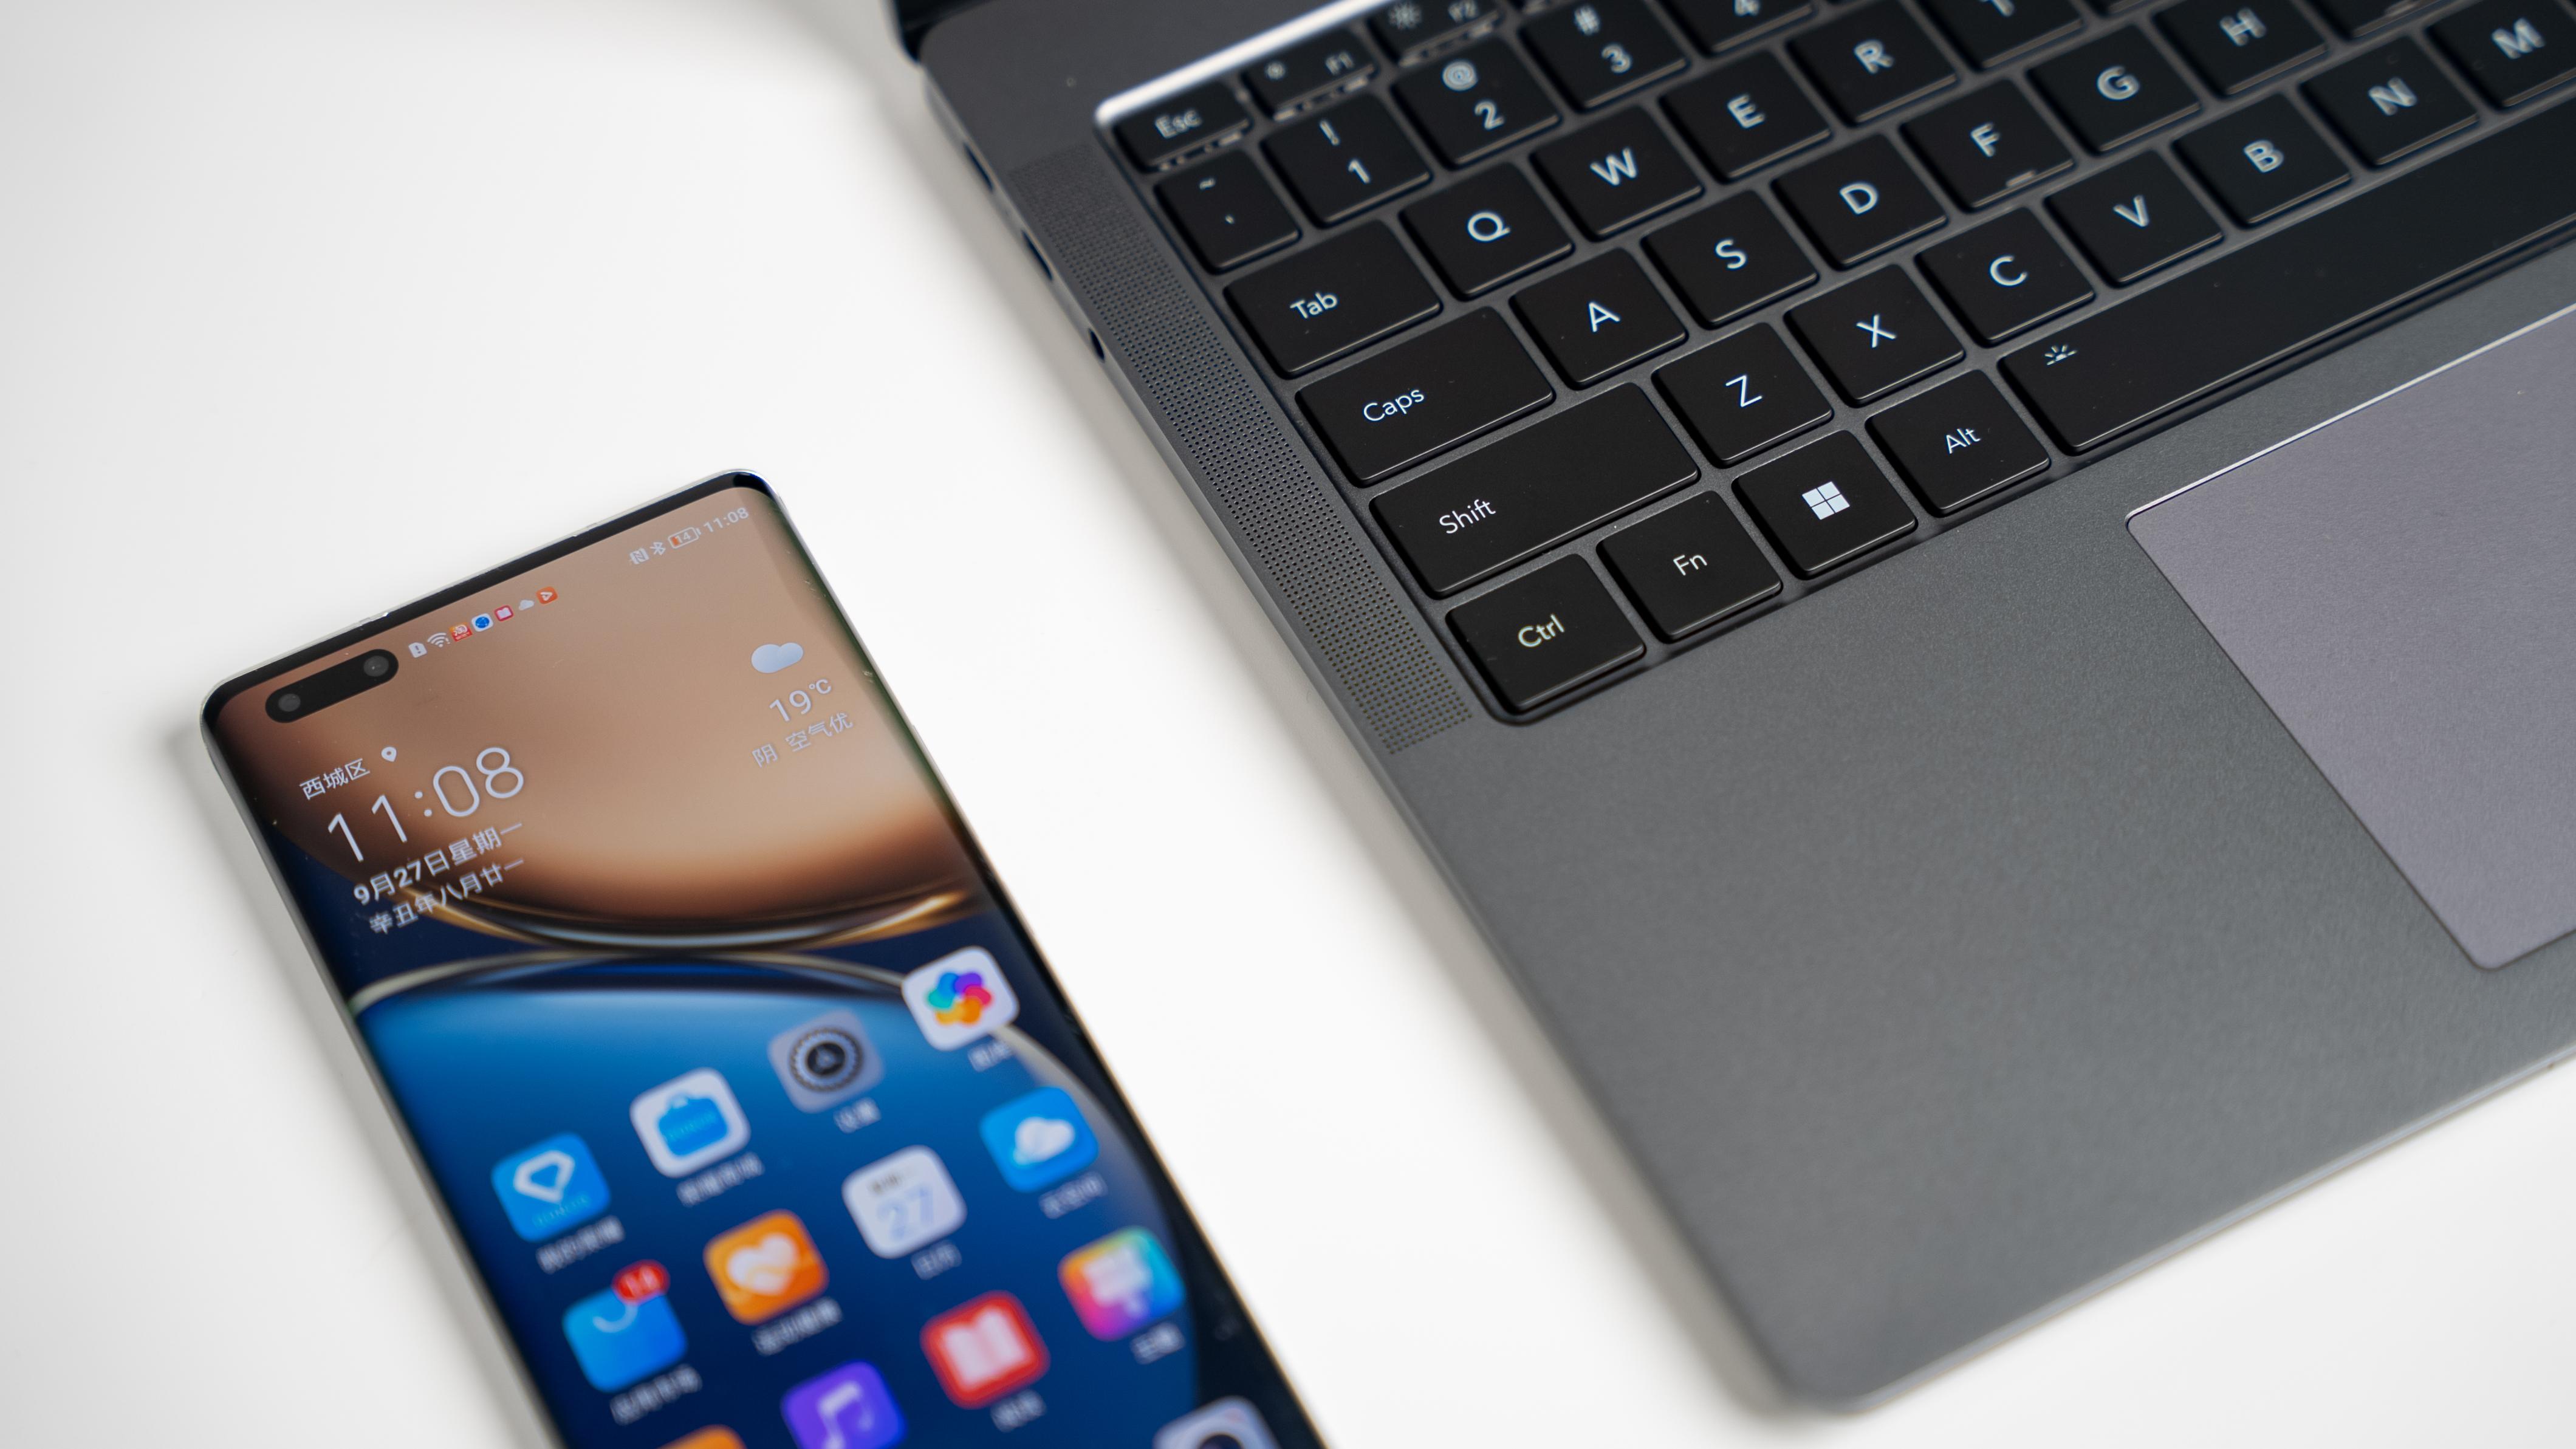 """还可以在PC屏幕上同步打开3个手机的独立应用,并支持一主二副三个窗口同时协同工作,""""一心多用"""",效率加倍。"""